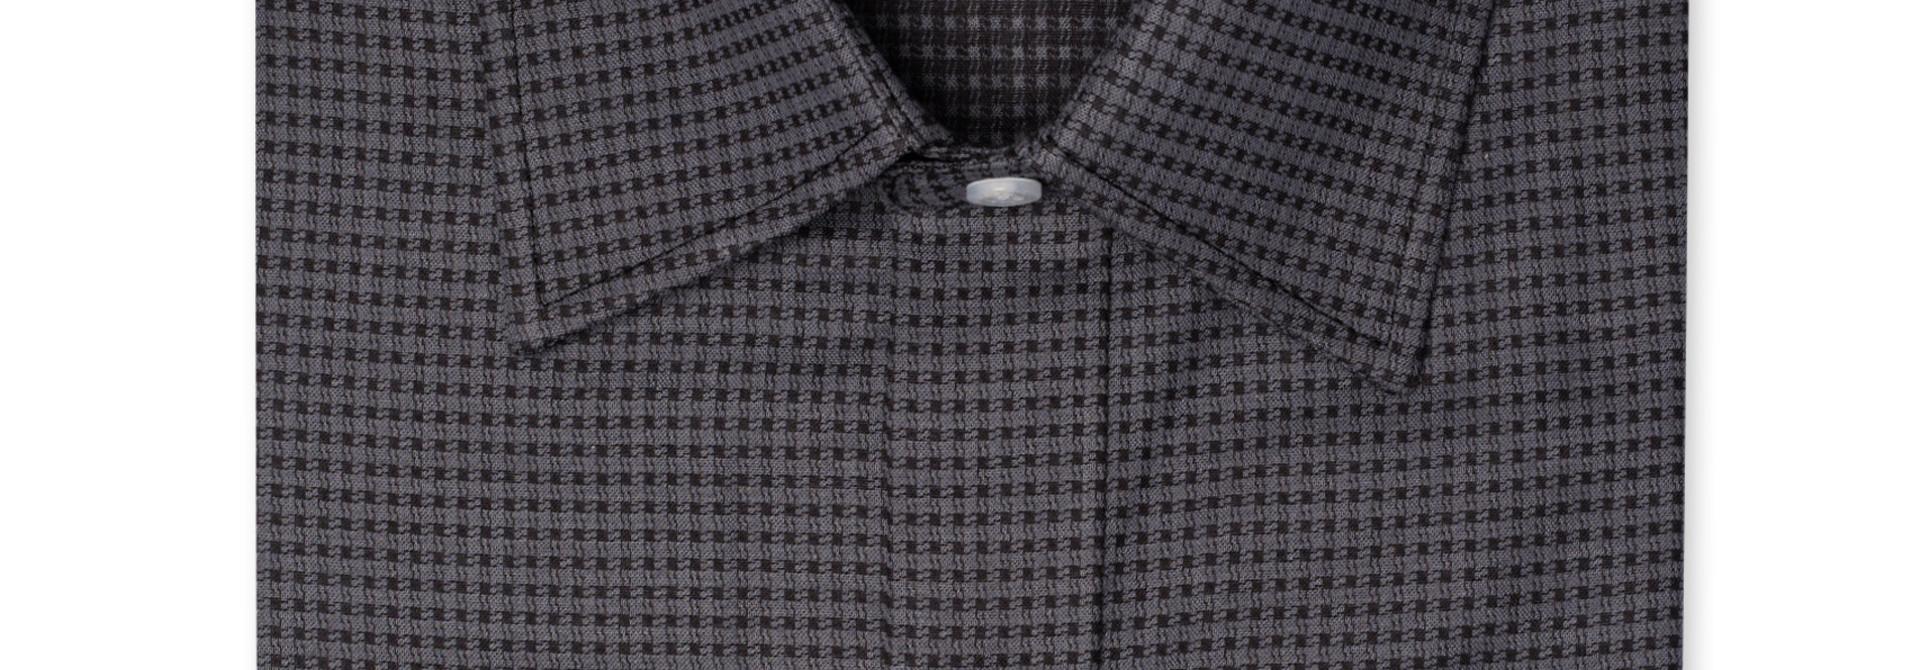 Zimmer Dress Shirt